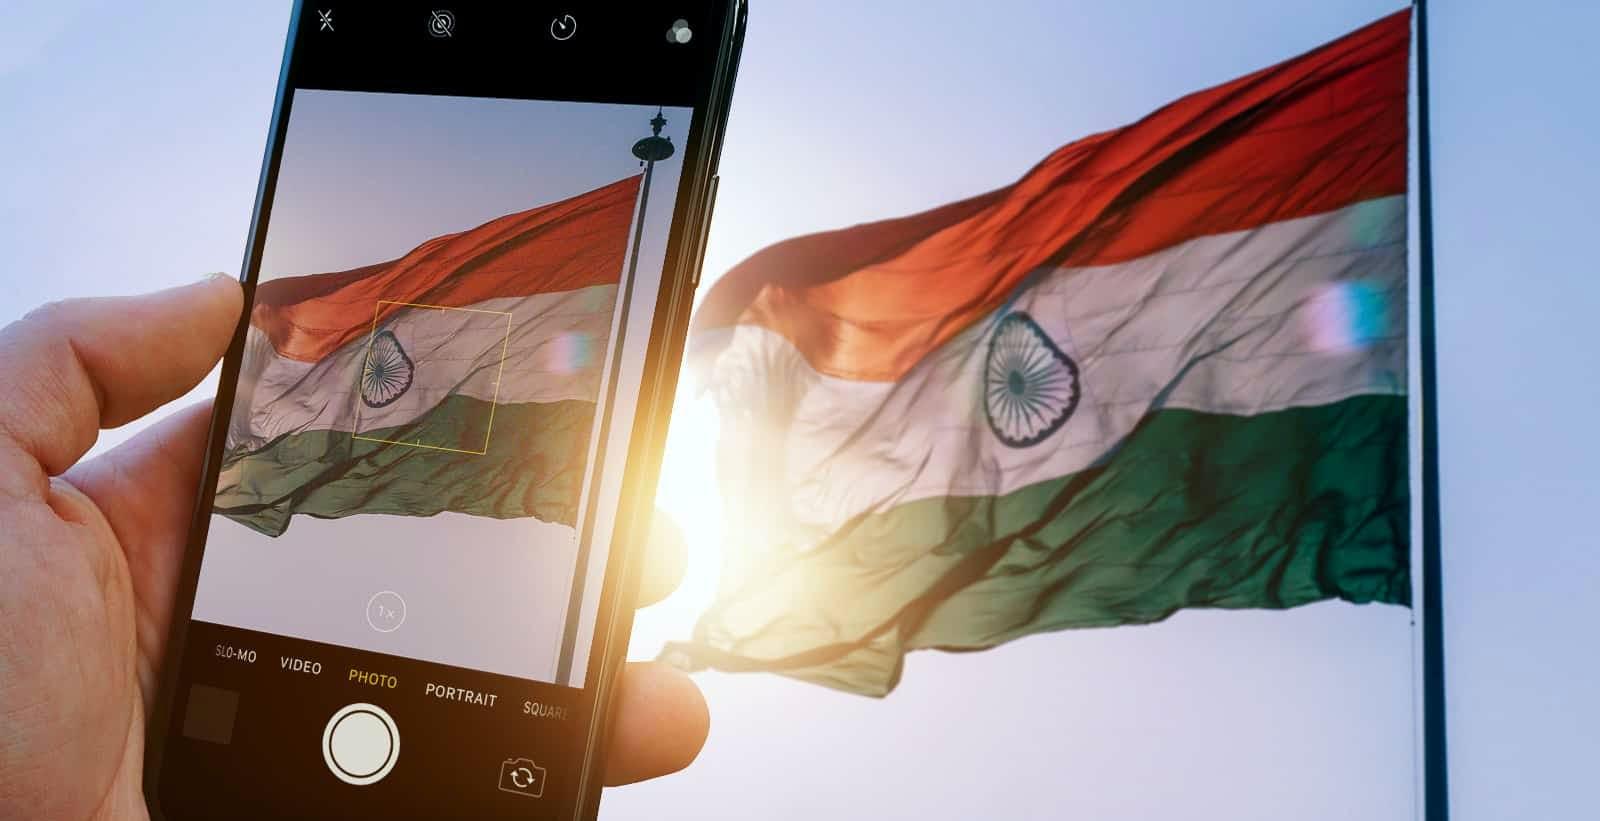 L'india spalanca il suo mercato mobile a Apple e Samsung. Produrranno dispositivi per 143 miliardi di dollari